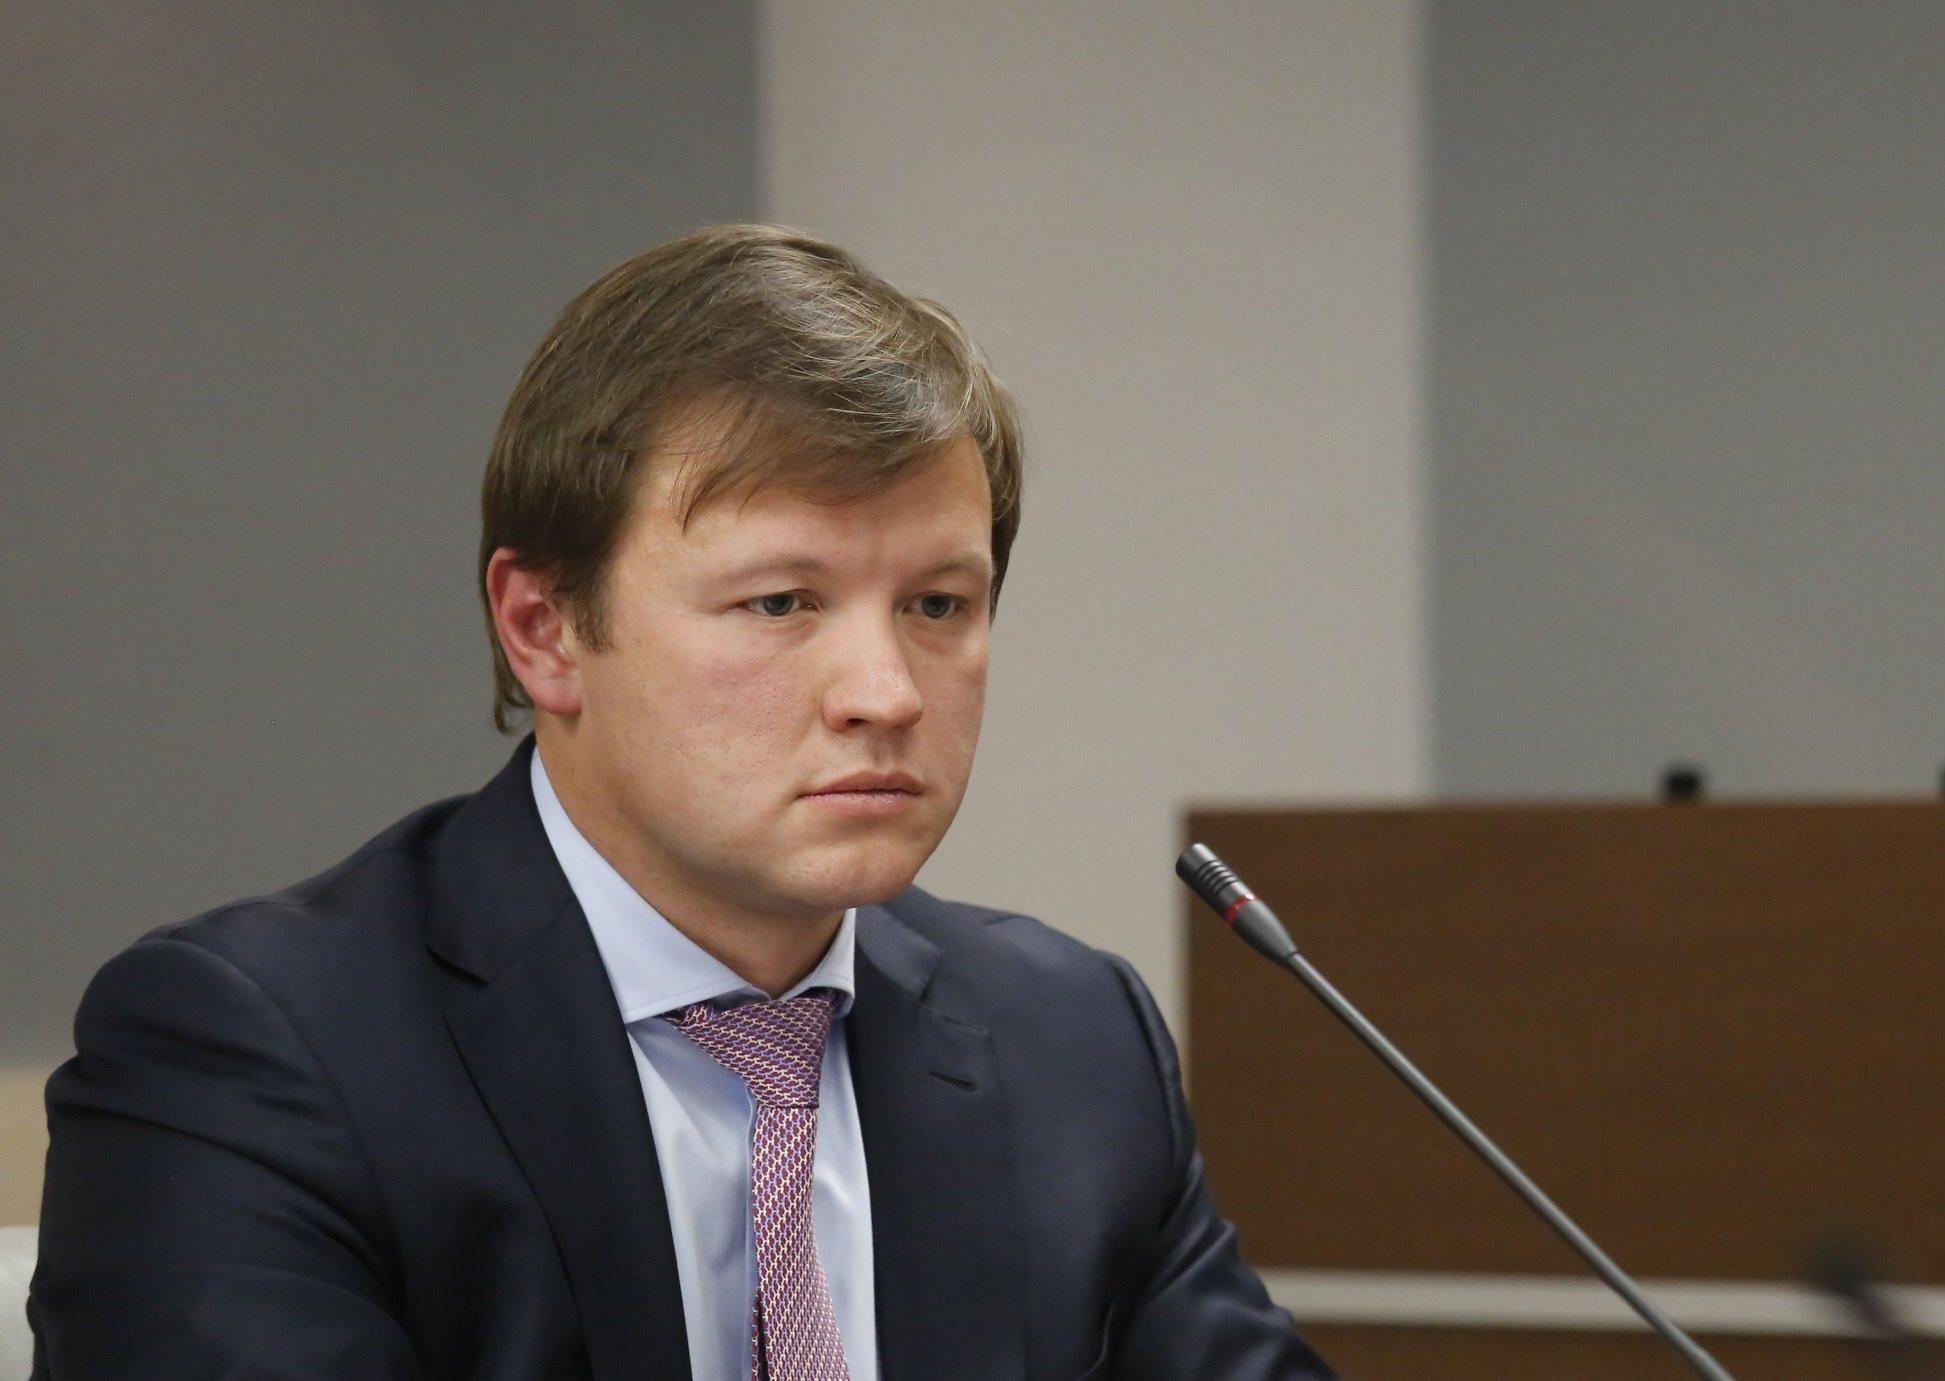 КоличествоИП в столице России засемь лет возросло на70%